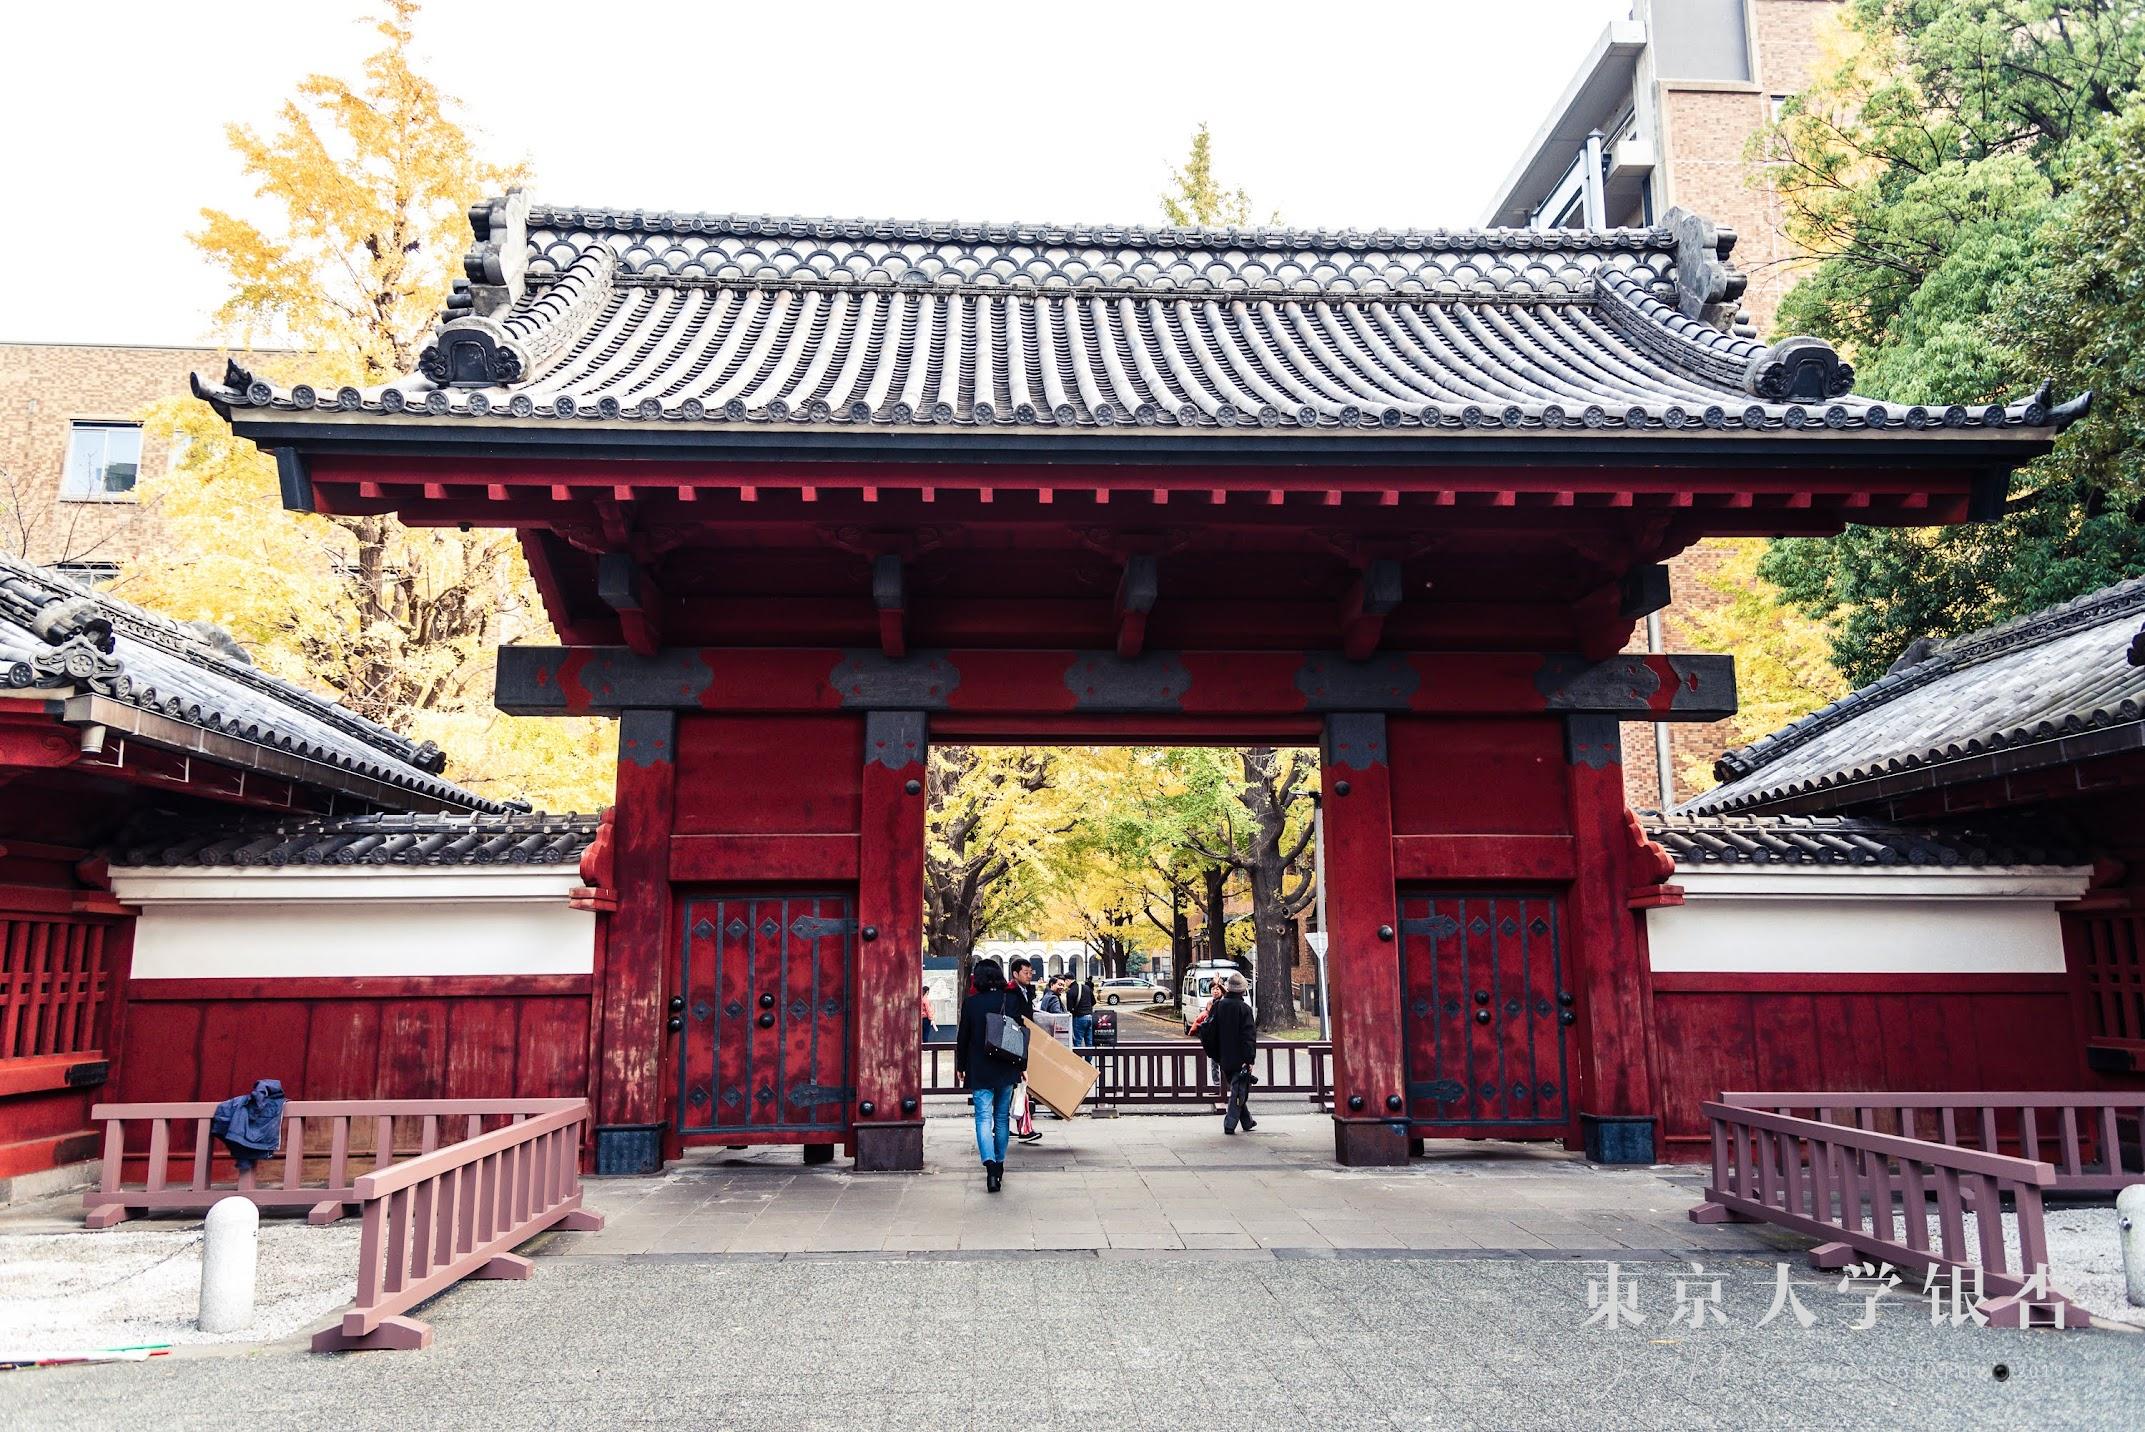 本鄉校區的「赤門」是日本唯一留下的「御守殿門」。